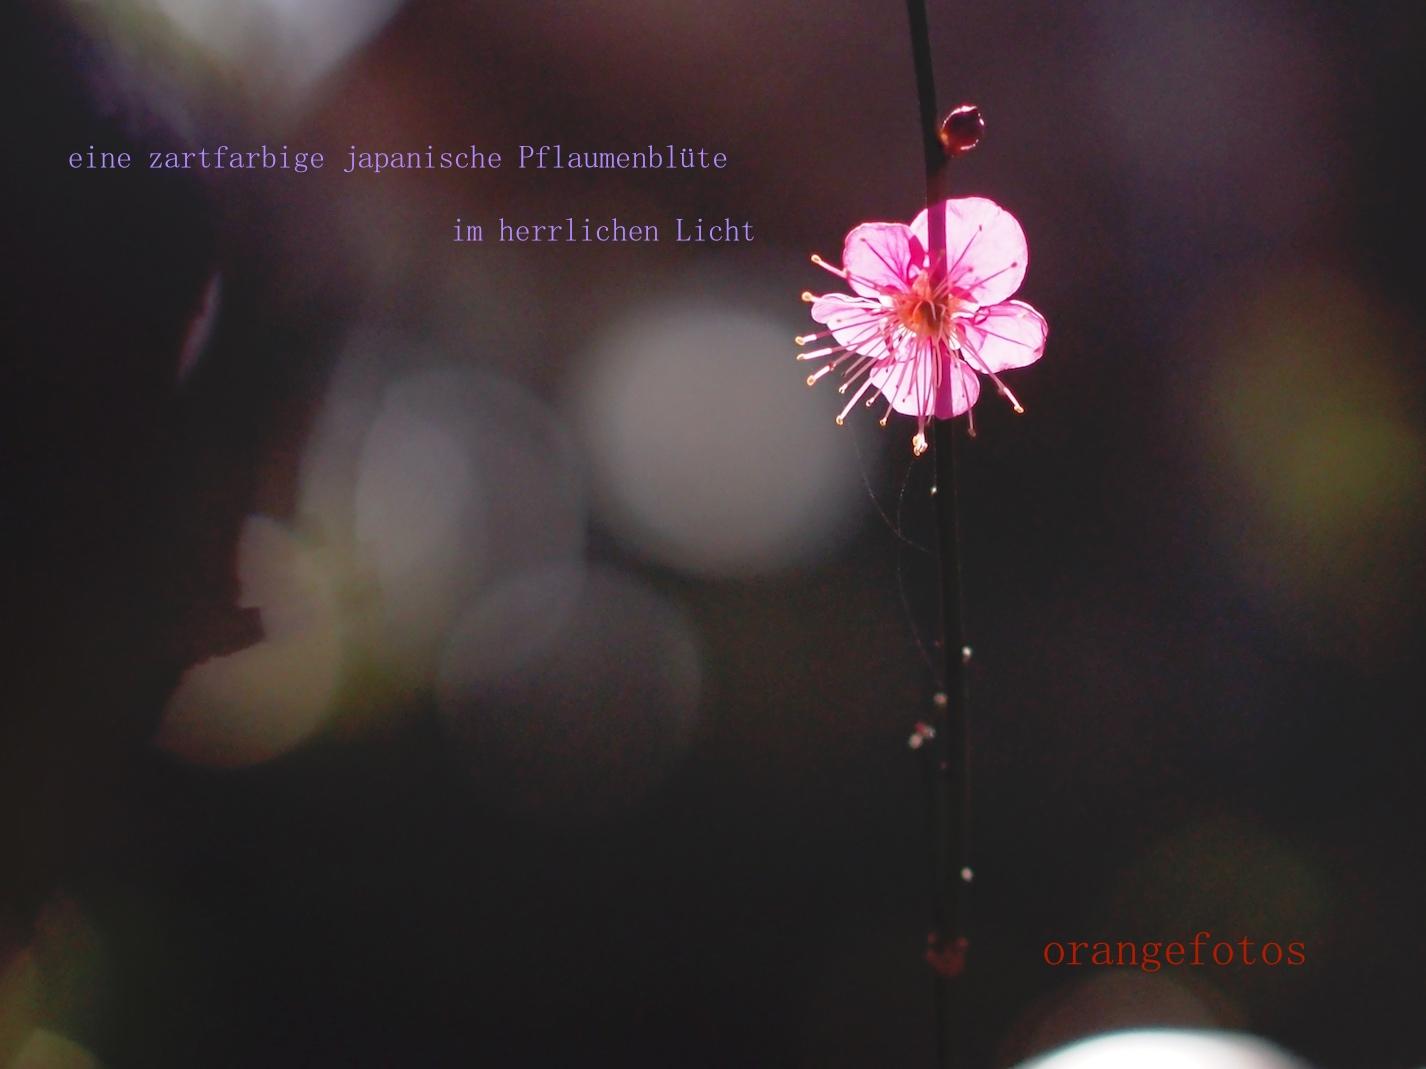 Pflaumenblüten 04.02.17.jpg